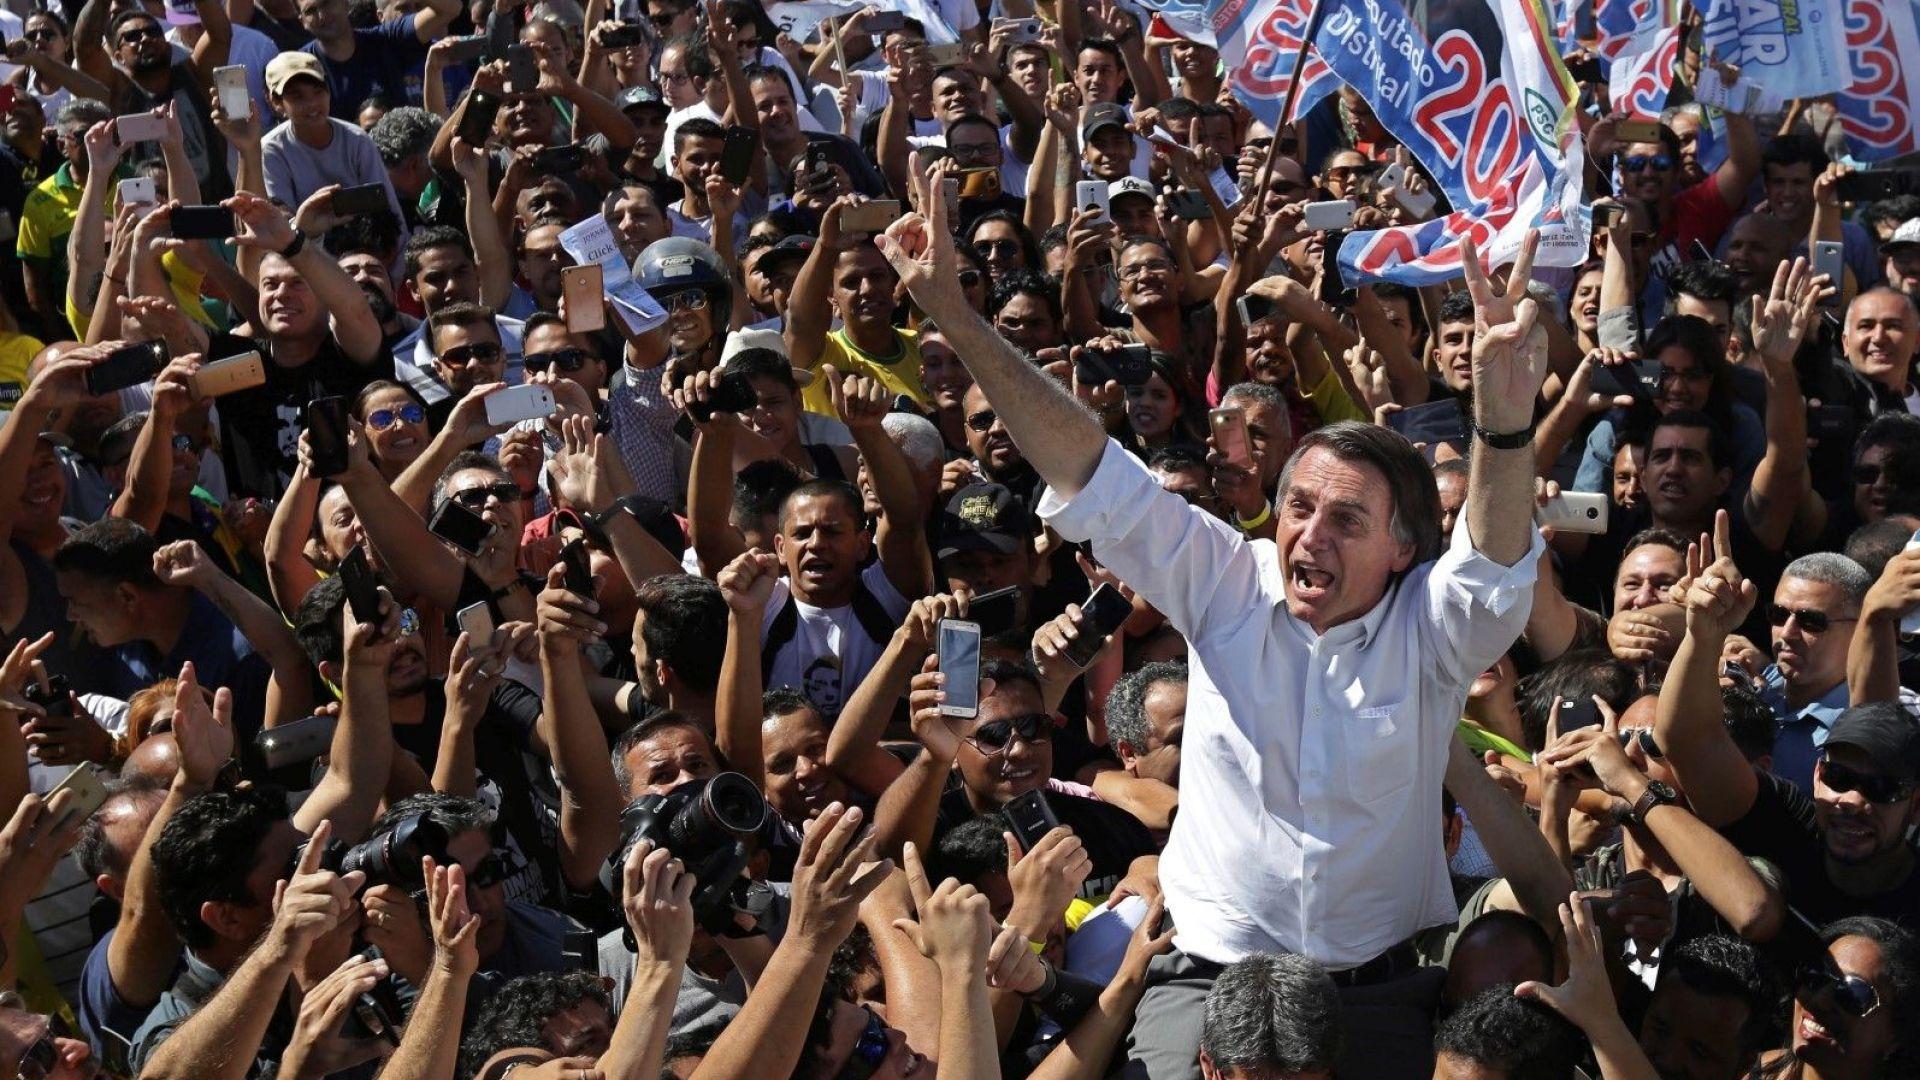 Кандидатът на крайната десница за президент на Бразилия Жаир Болсонаро сред свои поддръжници